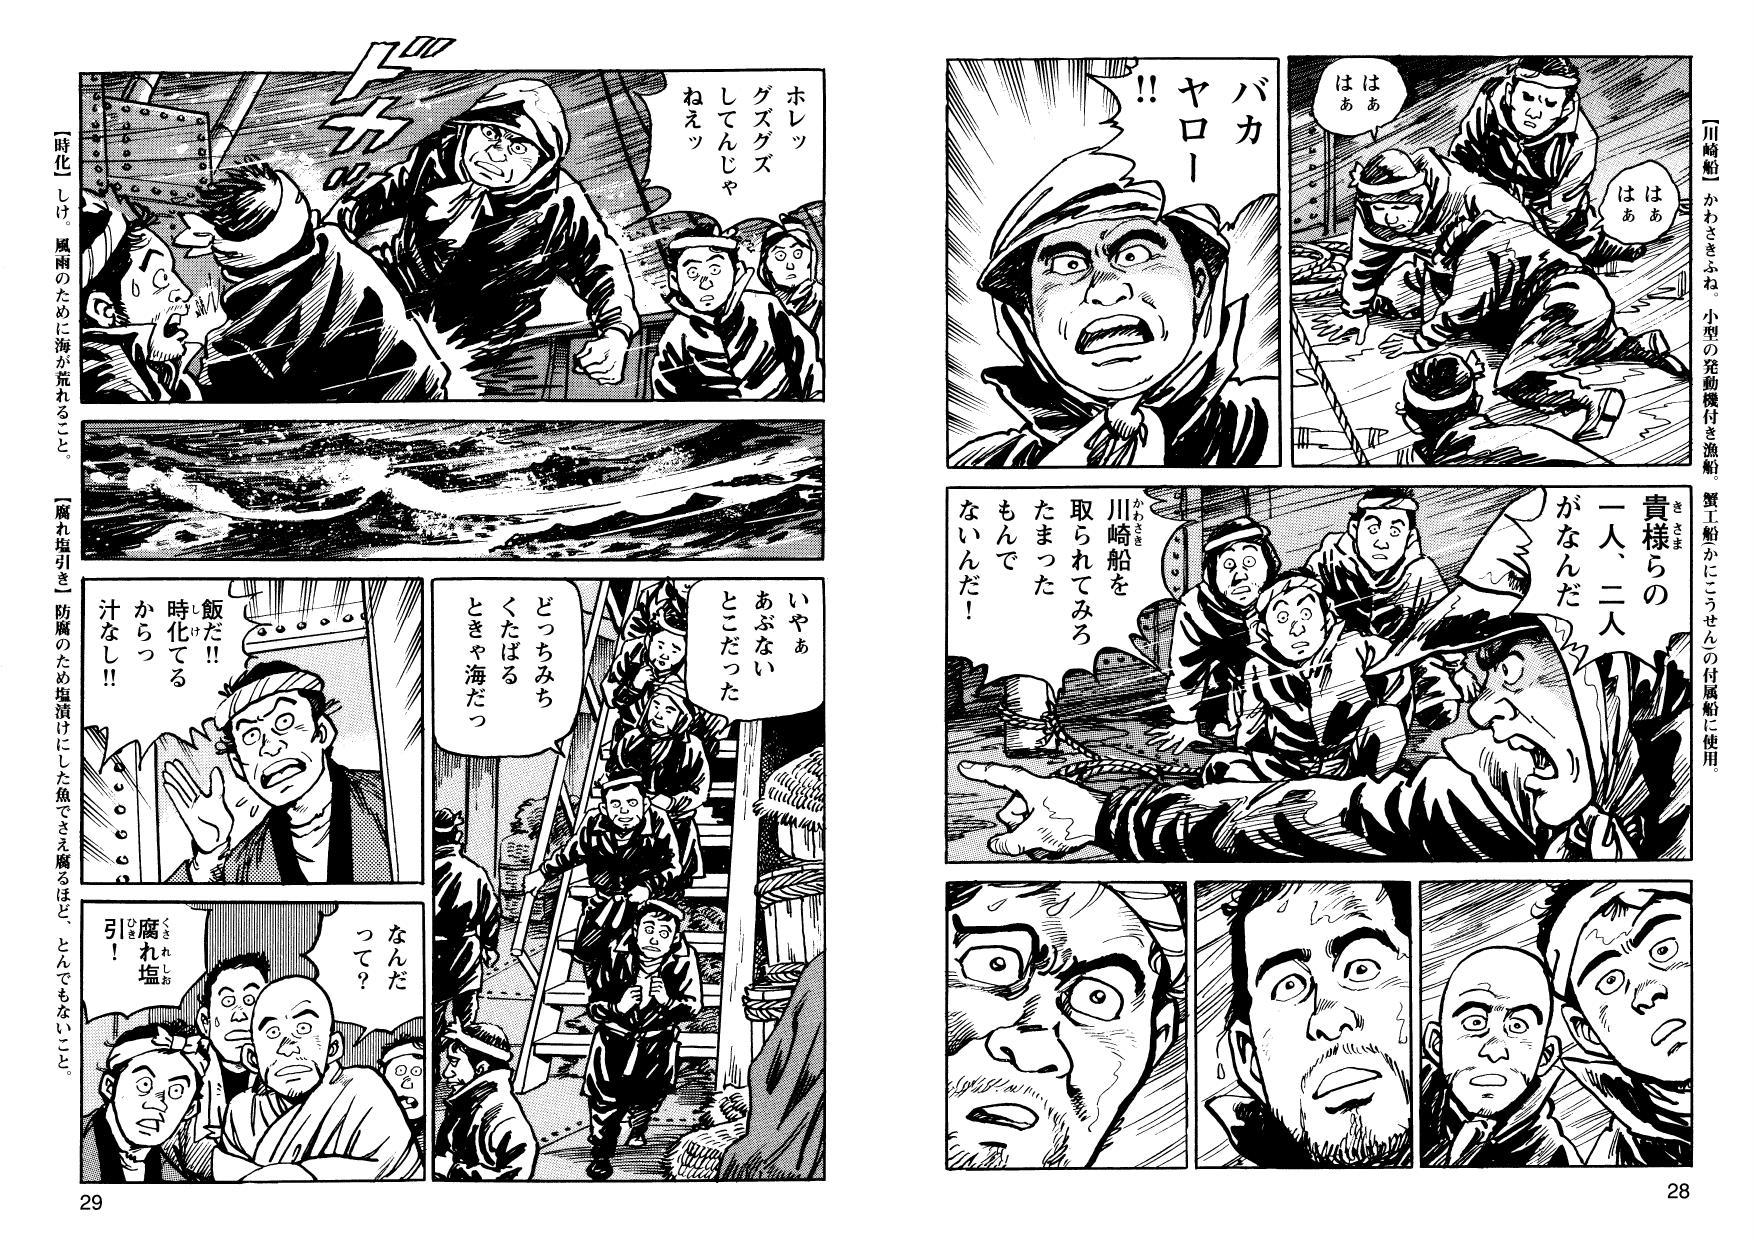 kani_cmc_000015.jpg